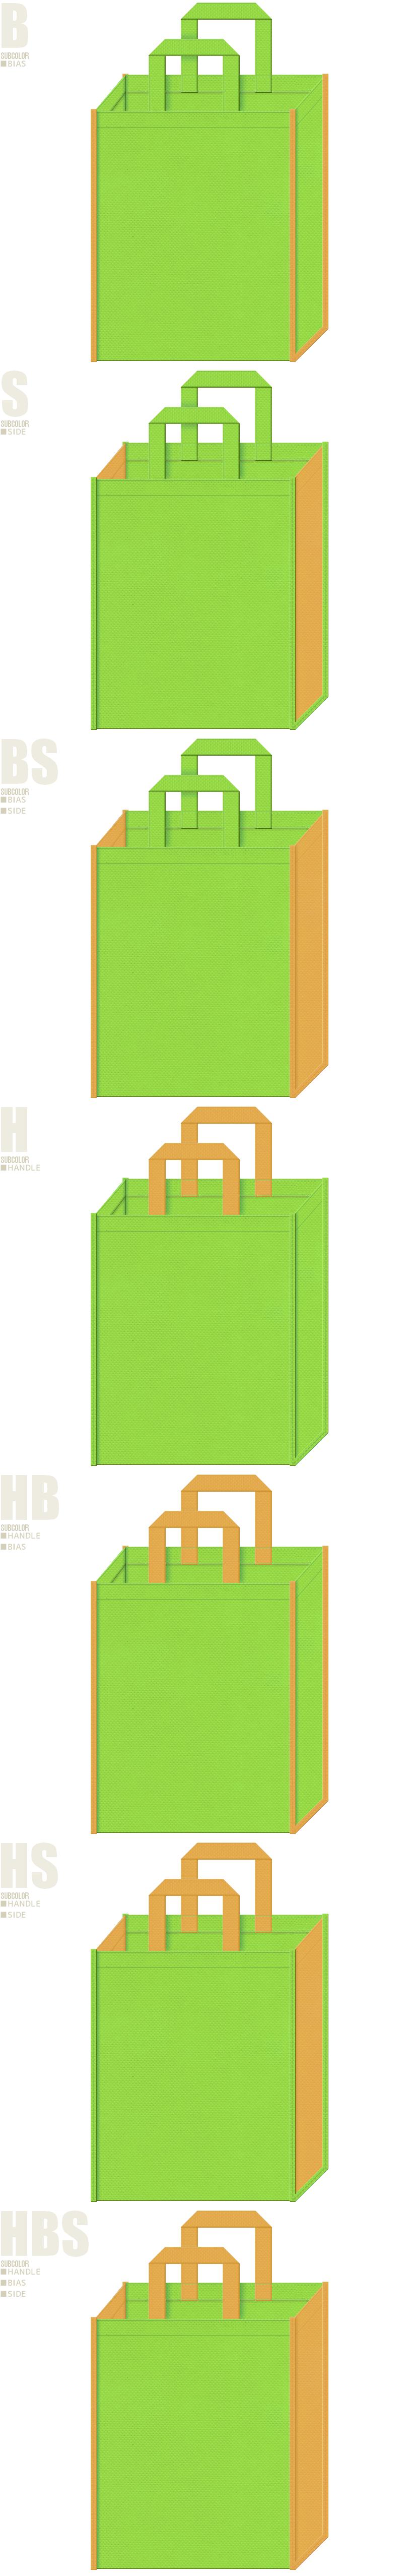 森・牧場・おとぎ話・絵本の展覧会用バッグにお奨めの不織布バッグデザイン:黄緑色と黄土色の不織布バッグ配色7パターン。